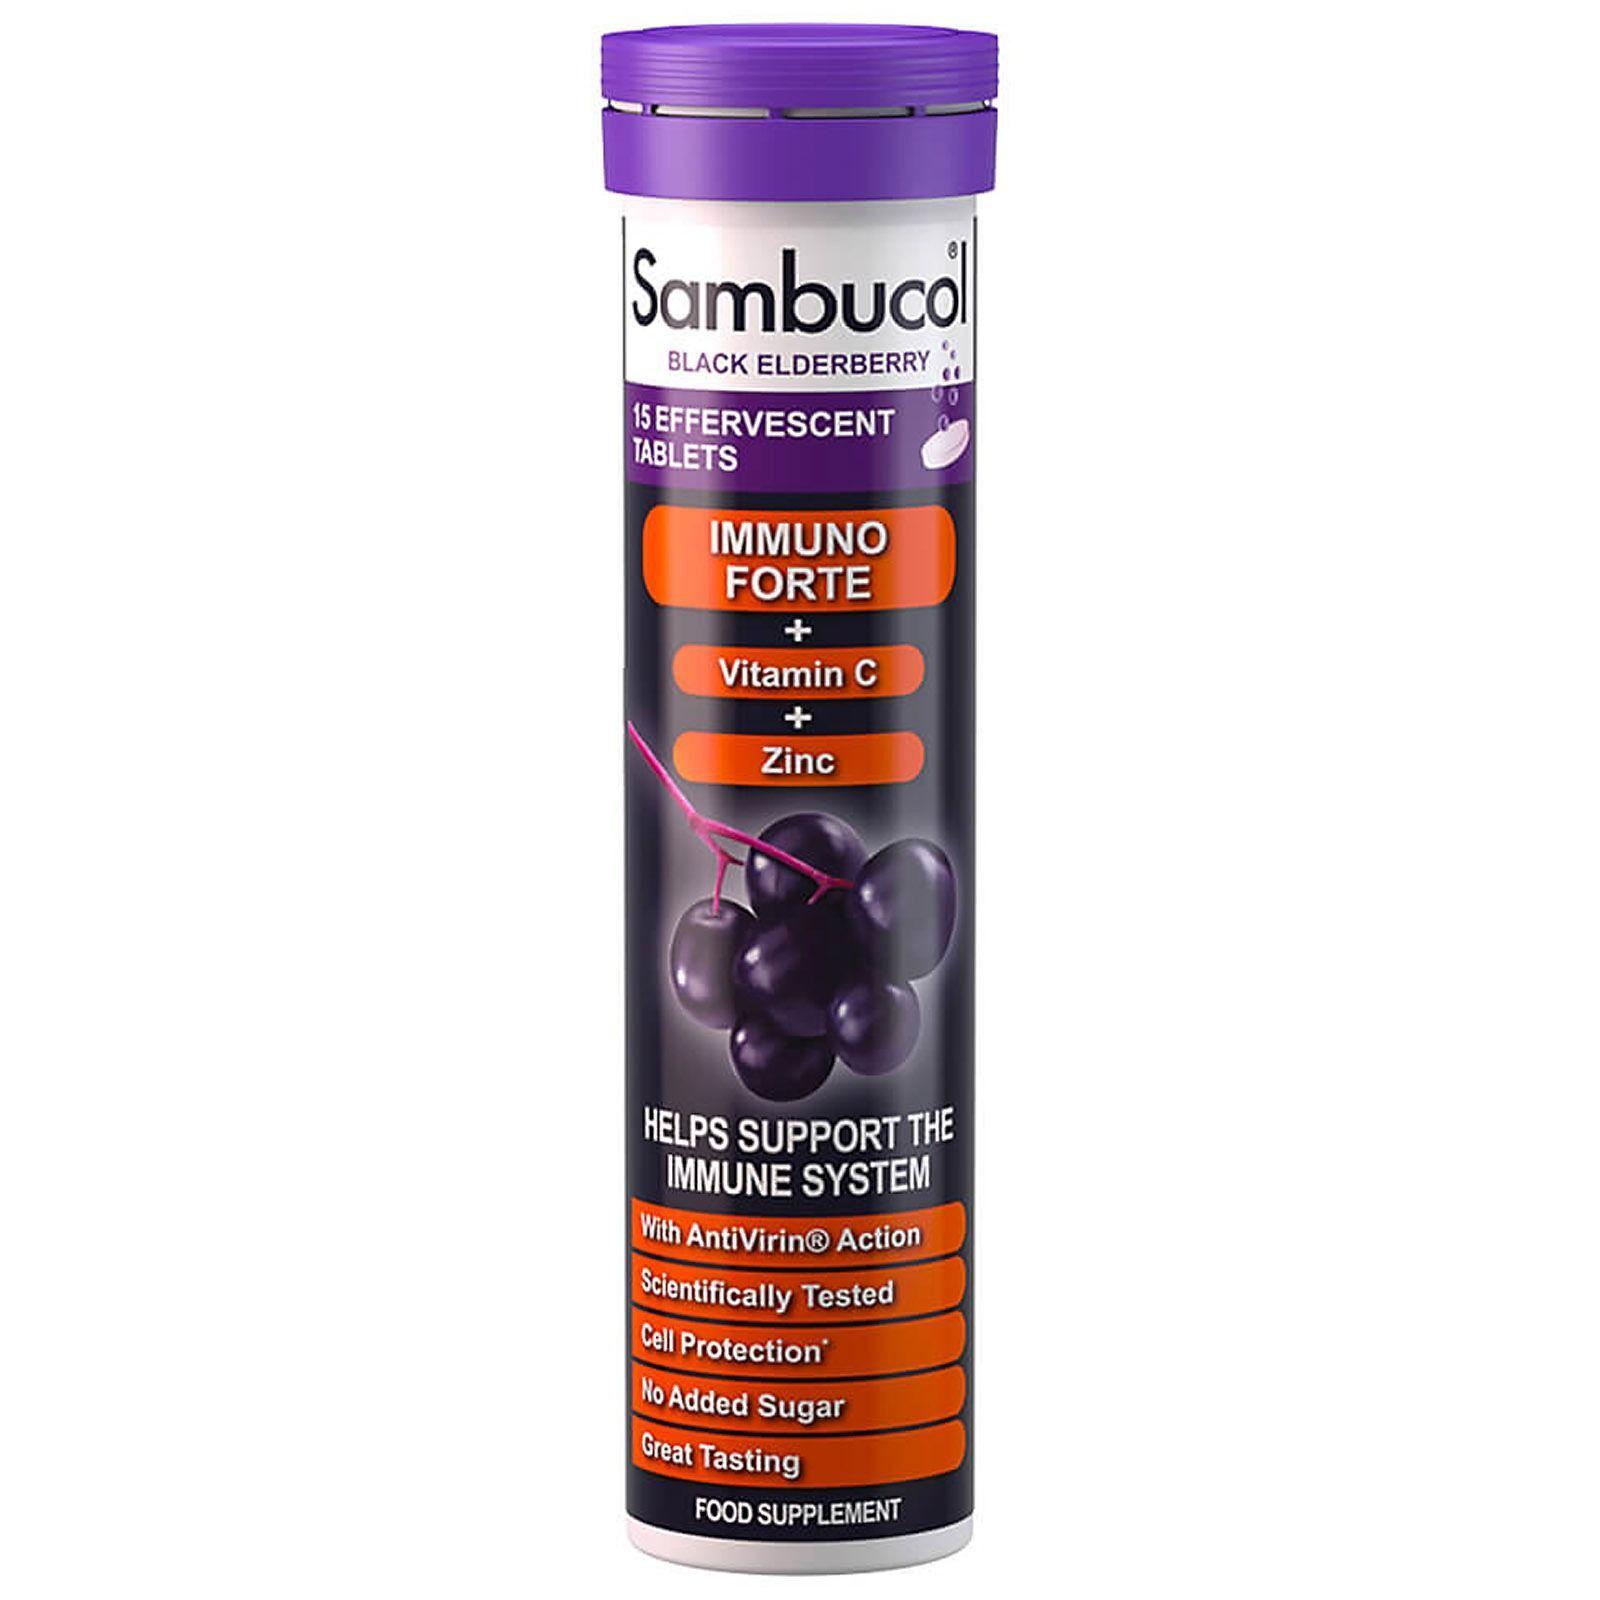 Sambucol - Black Elderberry Immuno Forte Effervescent Tablets x 15 for Men and Women